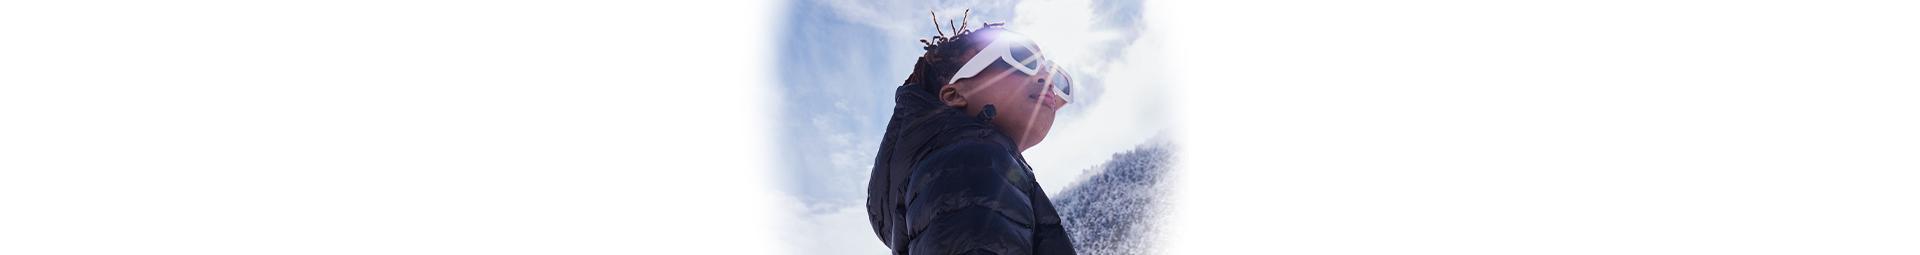 Pyrenex® manteau enfant hiver protégeant du froid hivernal du 8 ans à 16 ans